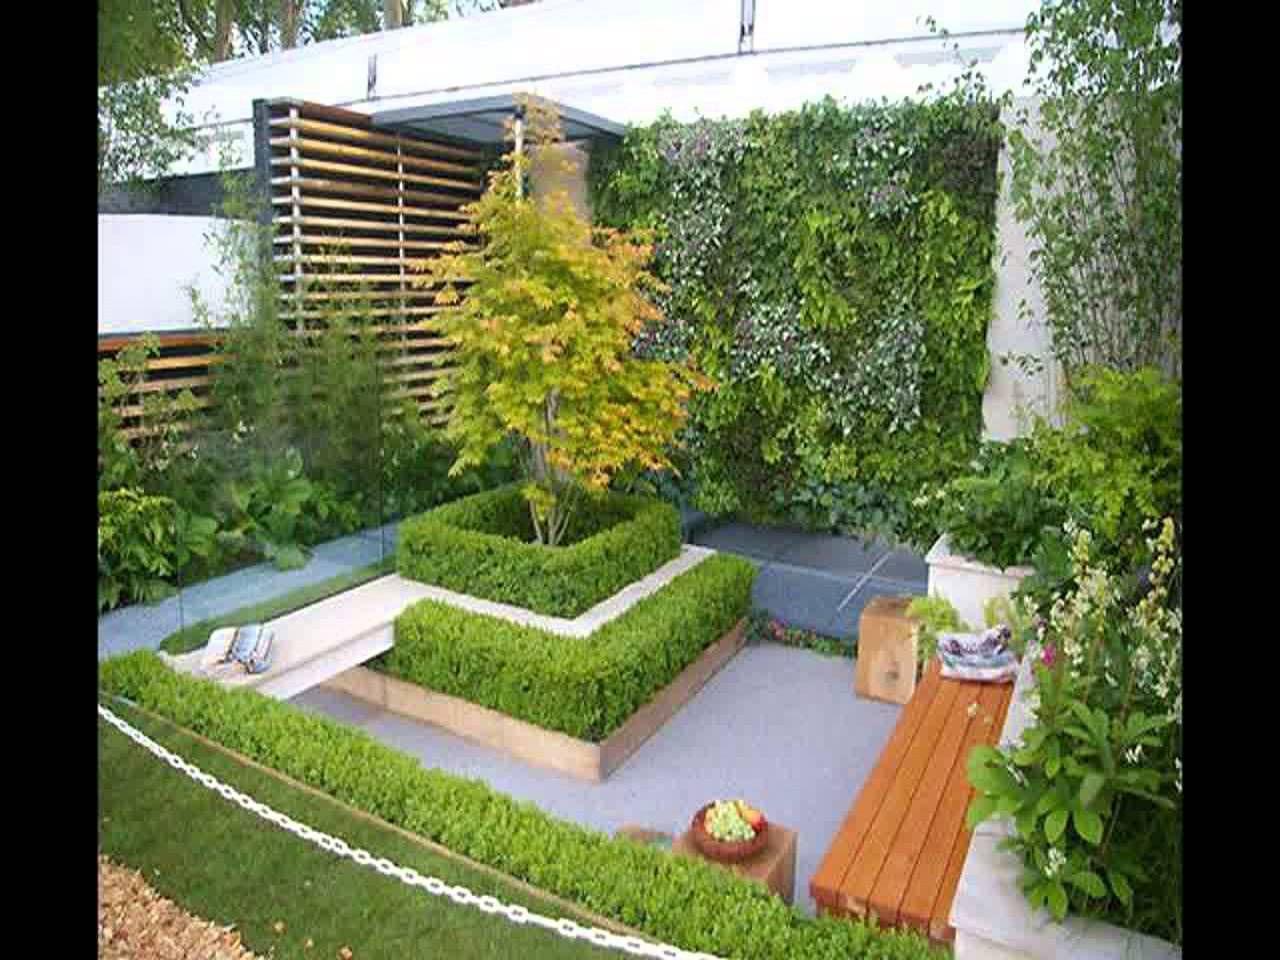 Erfreulich Klein Gartengestaltung Ideen Bilder   Hinterhof Kann Für Die  Einfache Freude, Zum Spass Oder